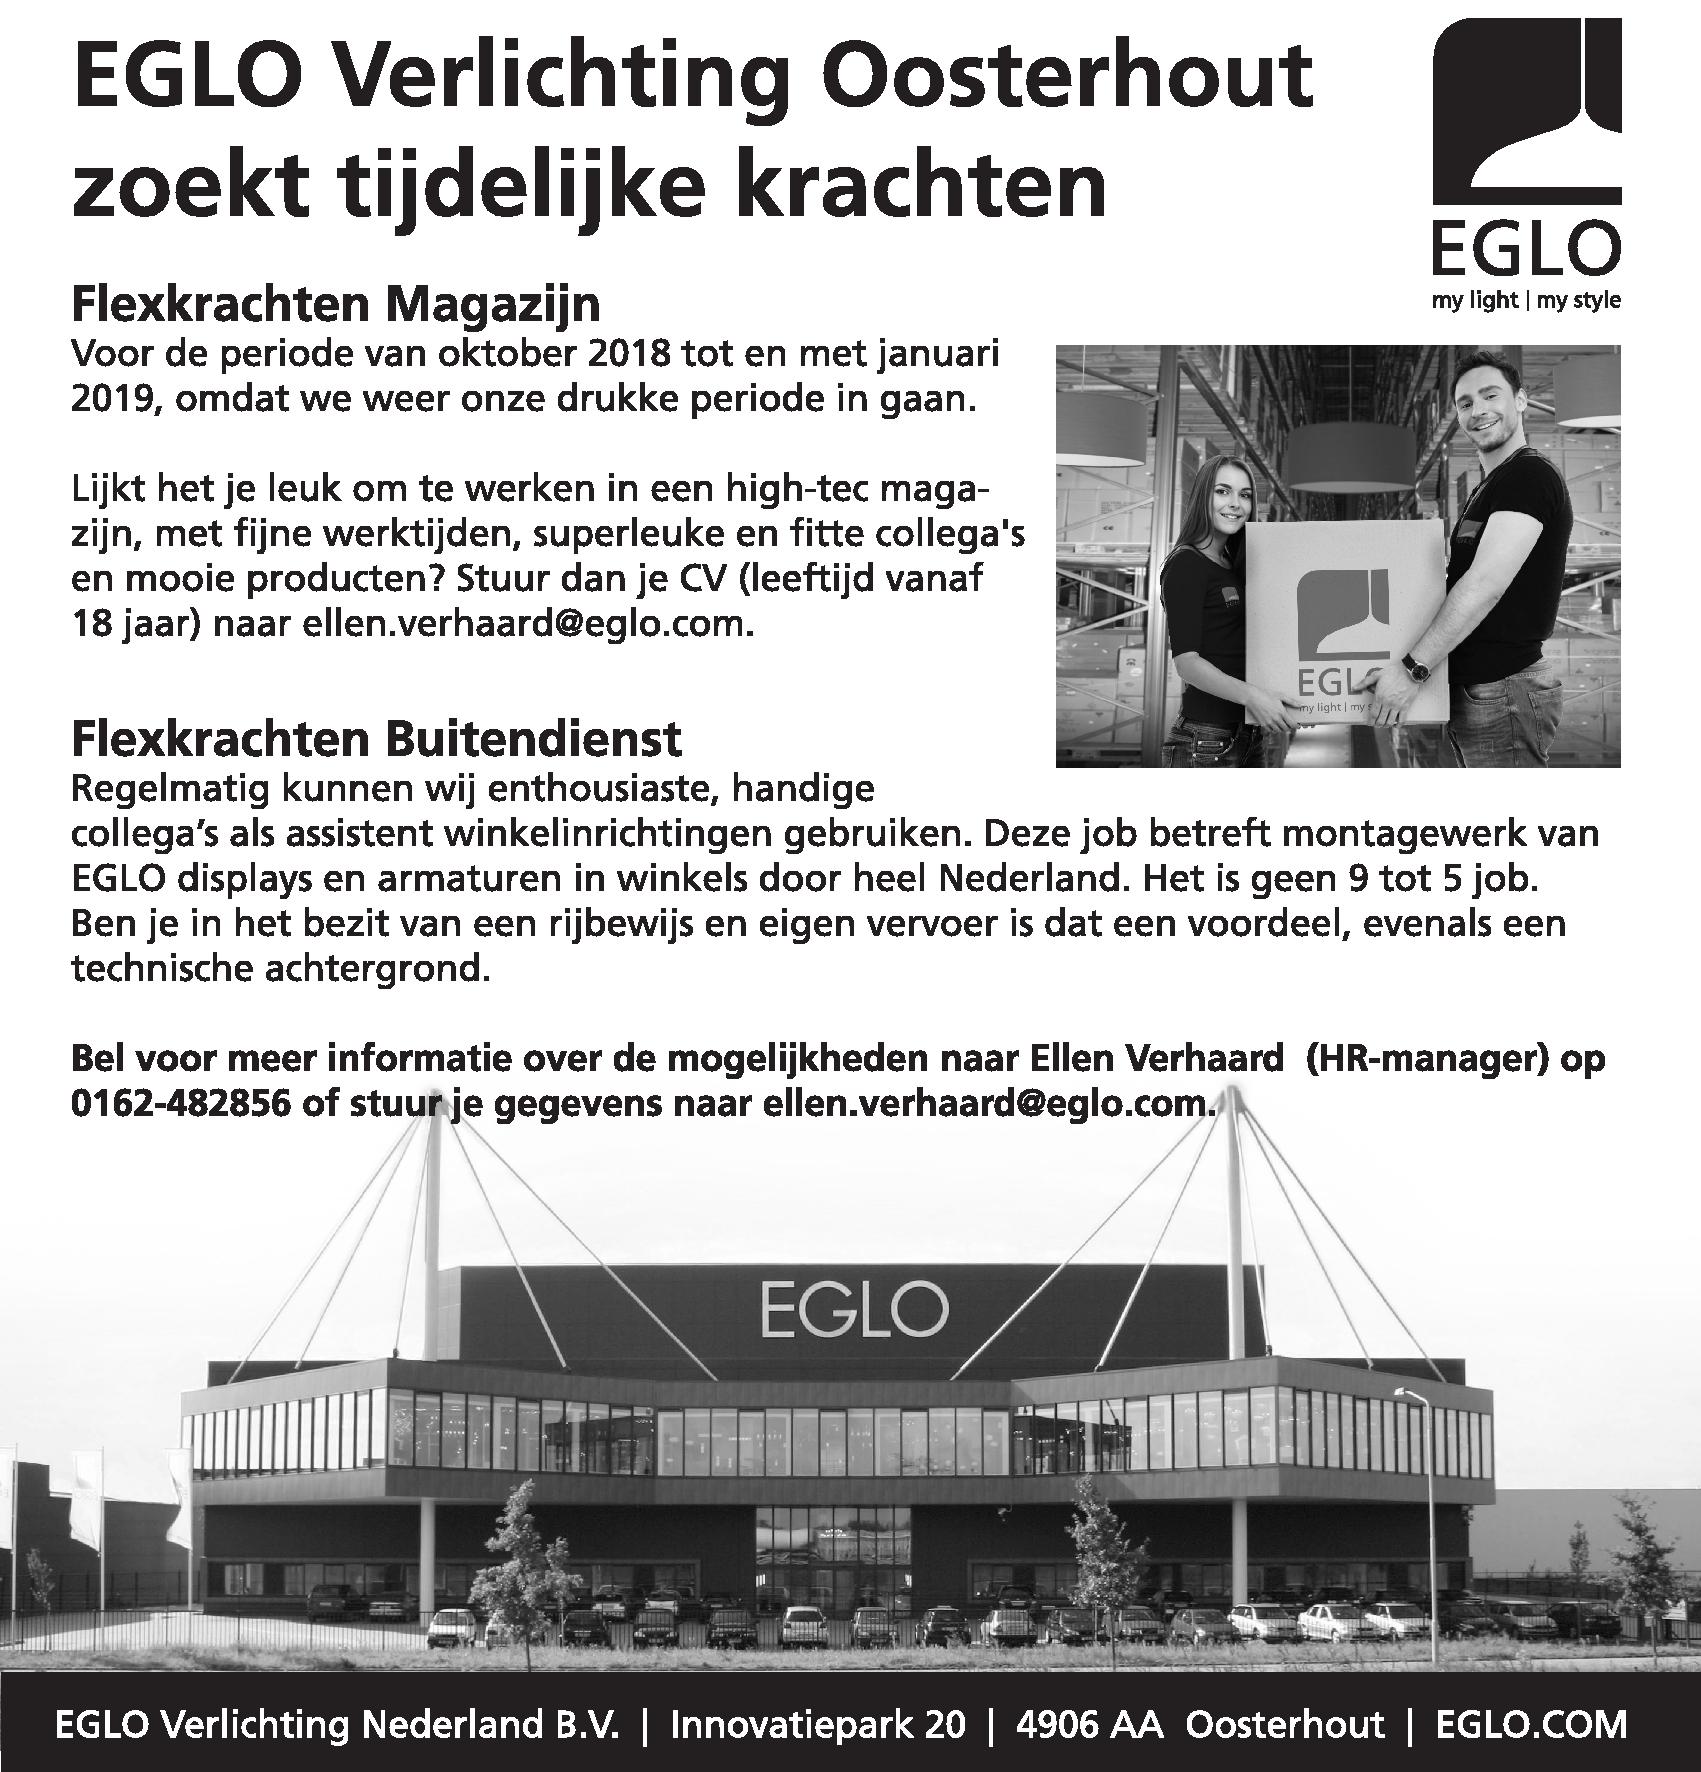 Flexkrachten Magazijn en Buitendienst | BrabantWerkt.nl